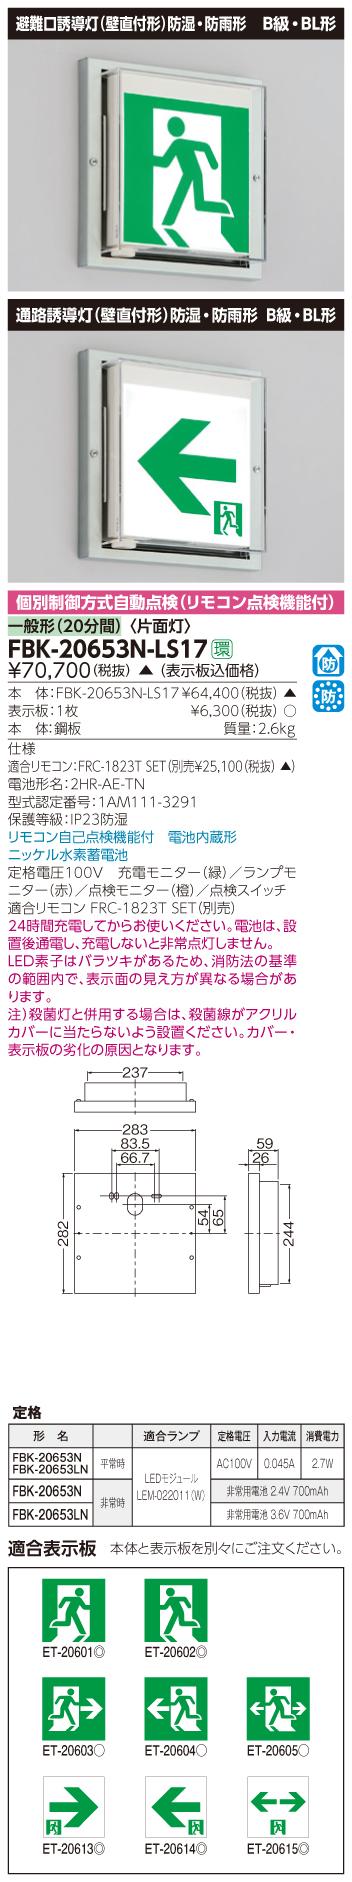 【法人様限定】東芝 FBK-20653N-LS17 LED誘導灯 壁直付形 防湿・防雨形 電池内蔵 片面 B級BL形 一般形(20分) 【表示板別売】